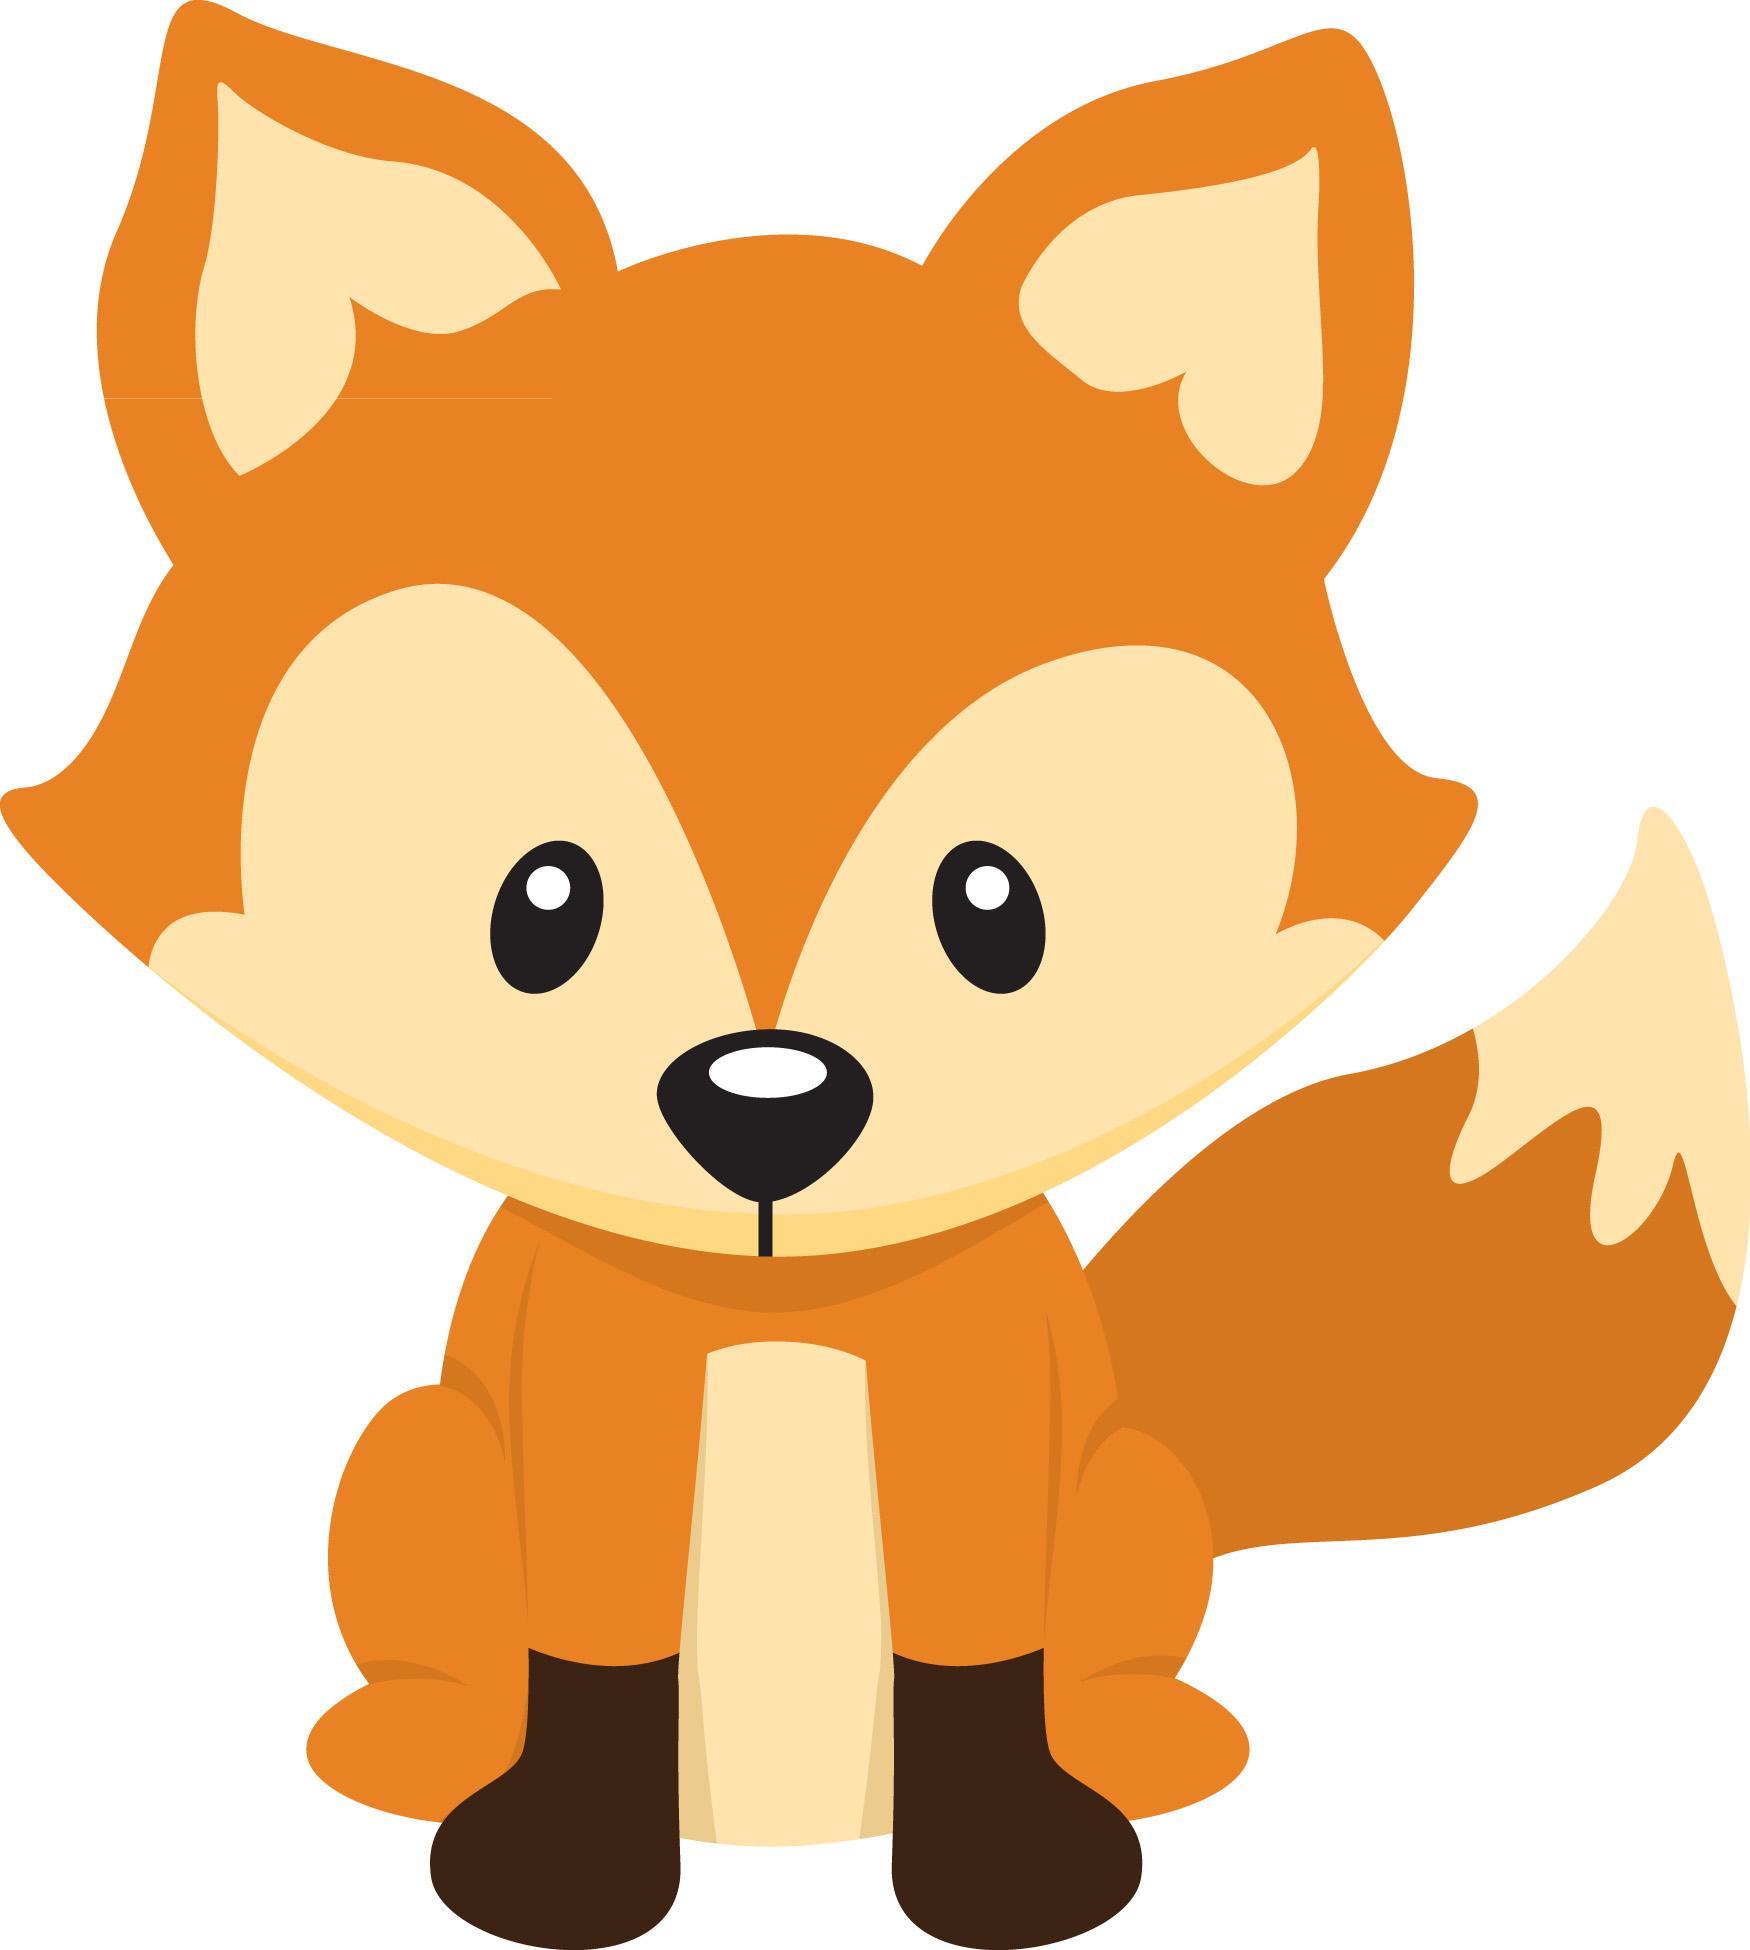 cartoon clipart of a fox - photo #9